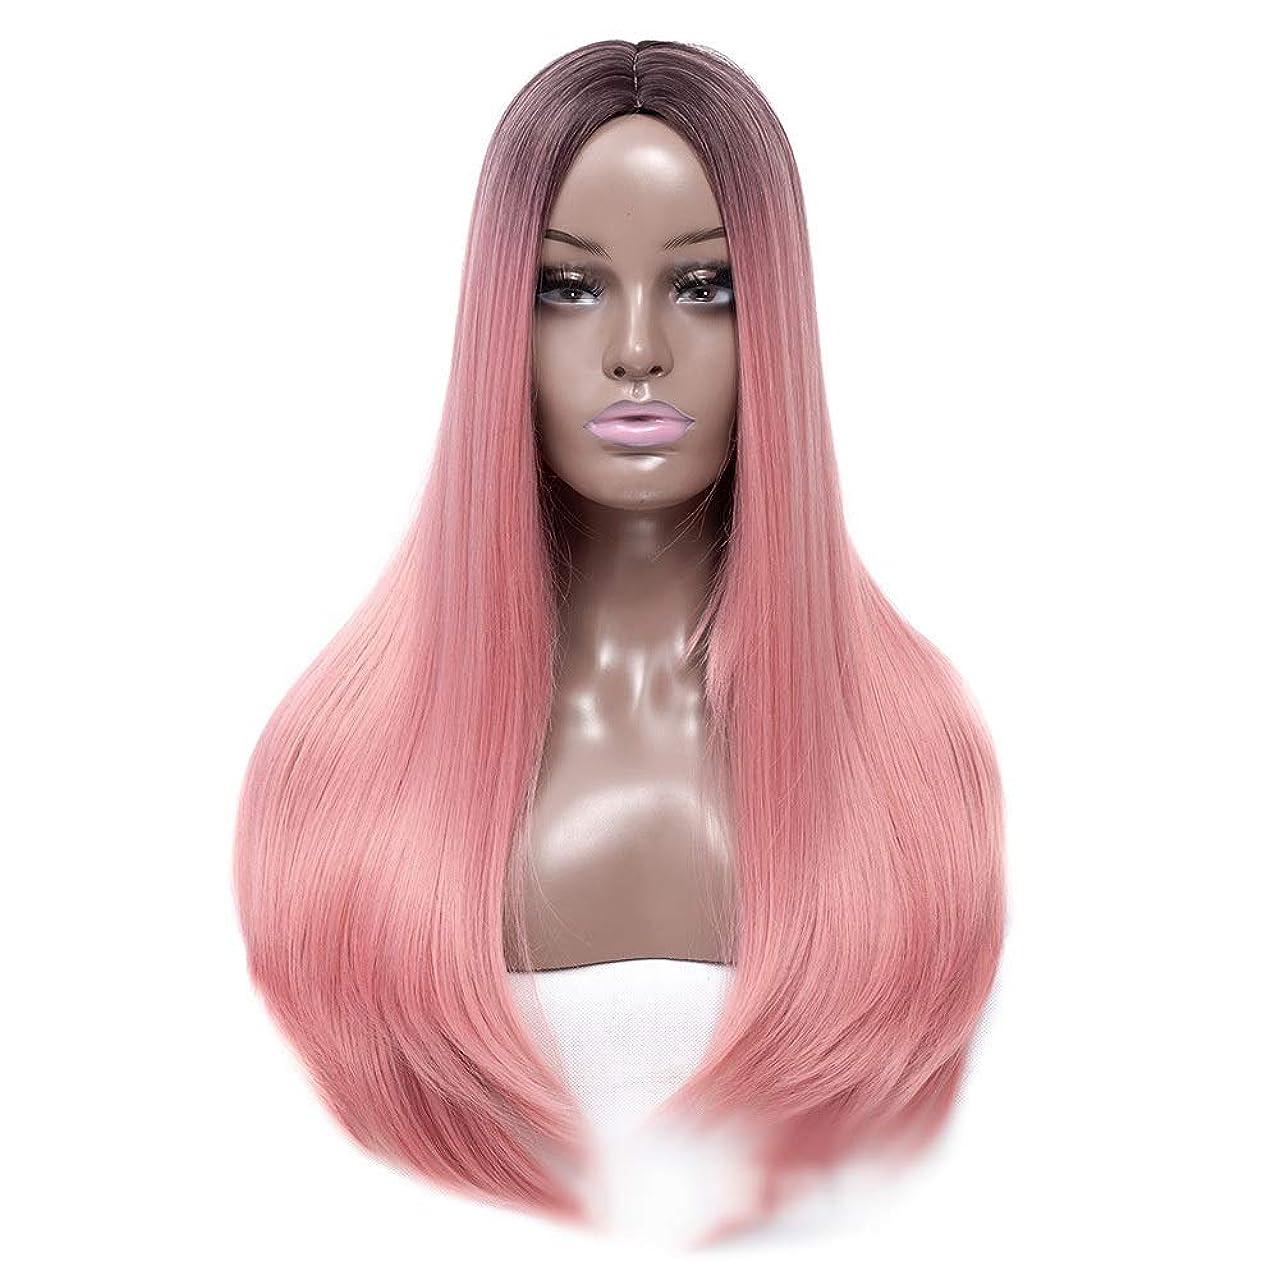 有名人有害不格好YESONEEP 女性のピンクのかつら22インチロングストレートヘアヒートセーフ人工毛ホワイトまたは淡い頭皮のパーティーのかつら (Color : ピンク)